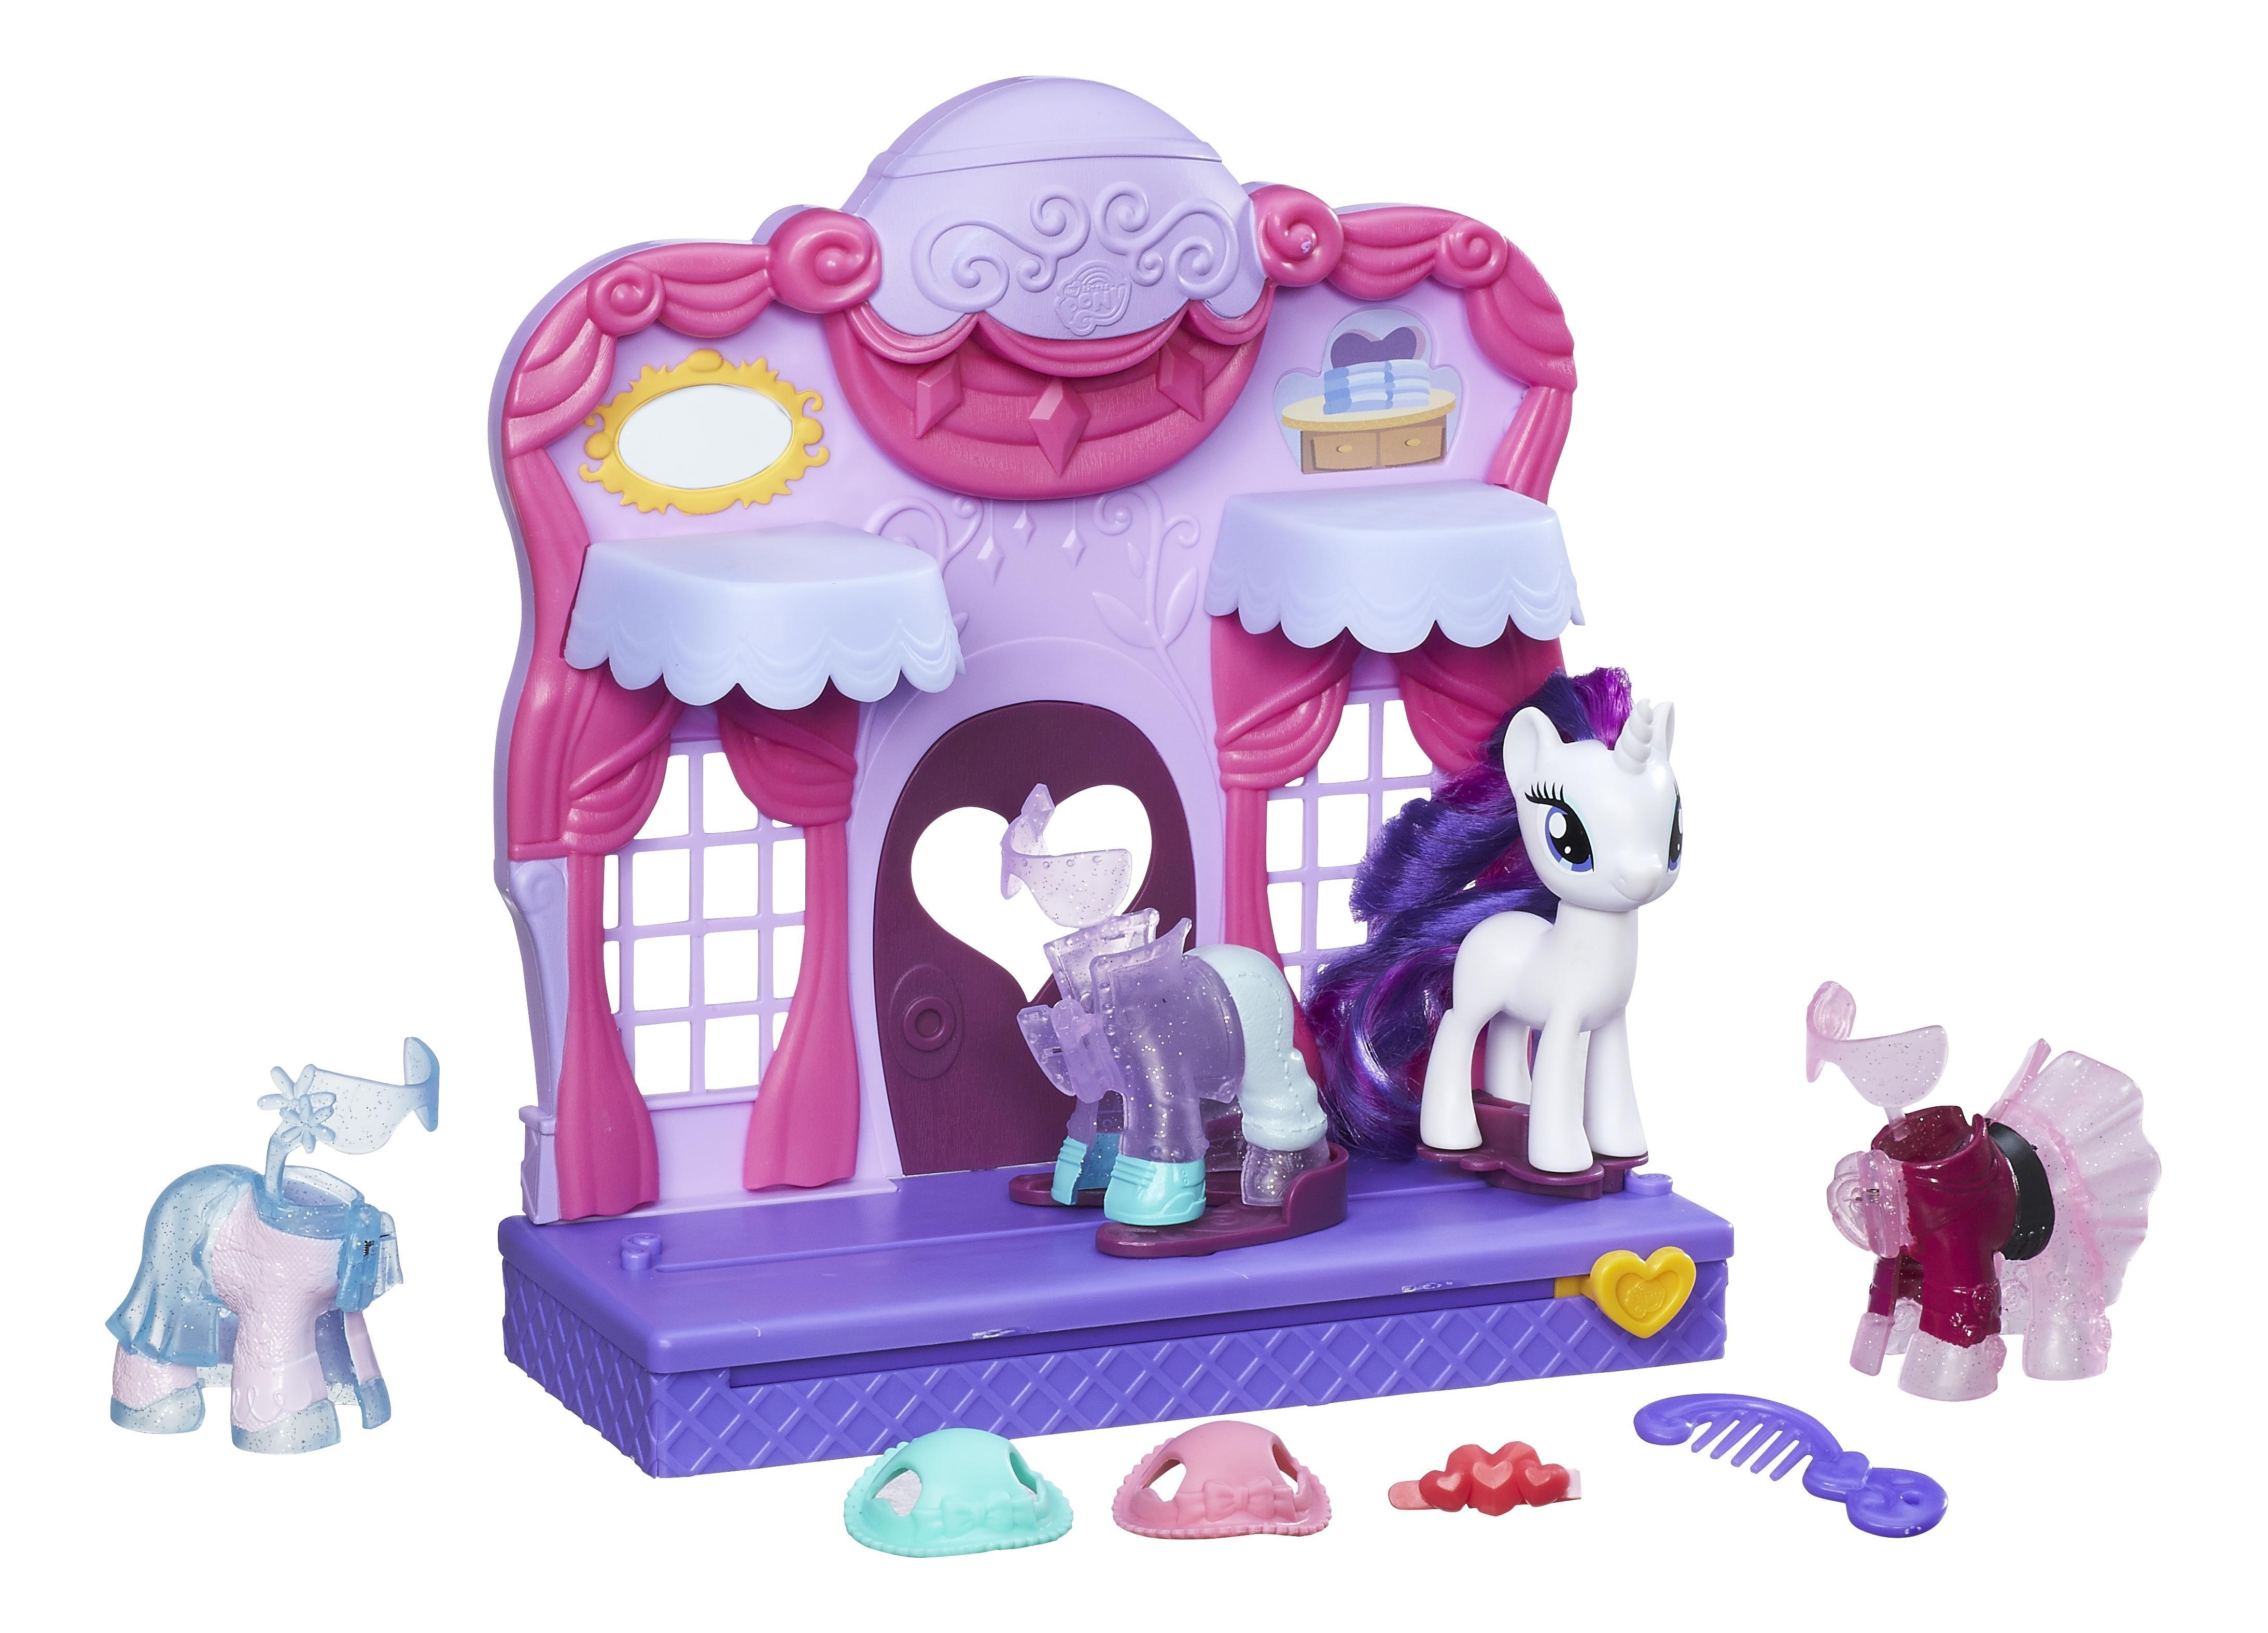 Купить Mlp бутик рарити в кантерлоте b8811, My little Pony, Игровые наборы